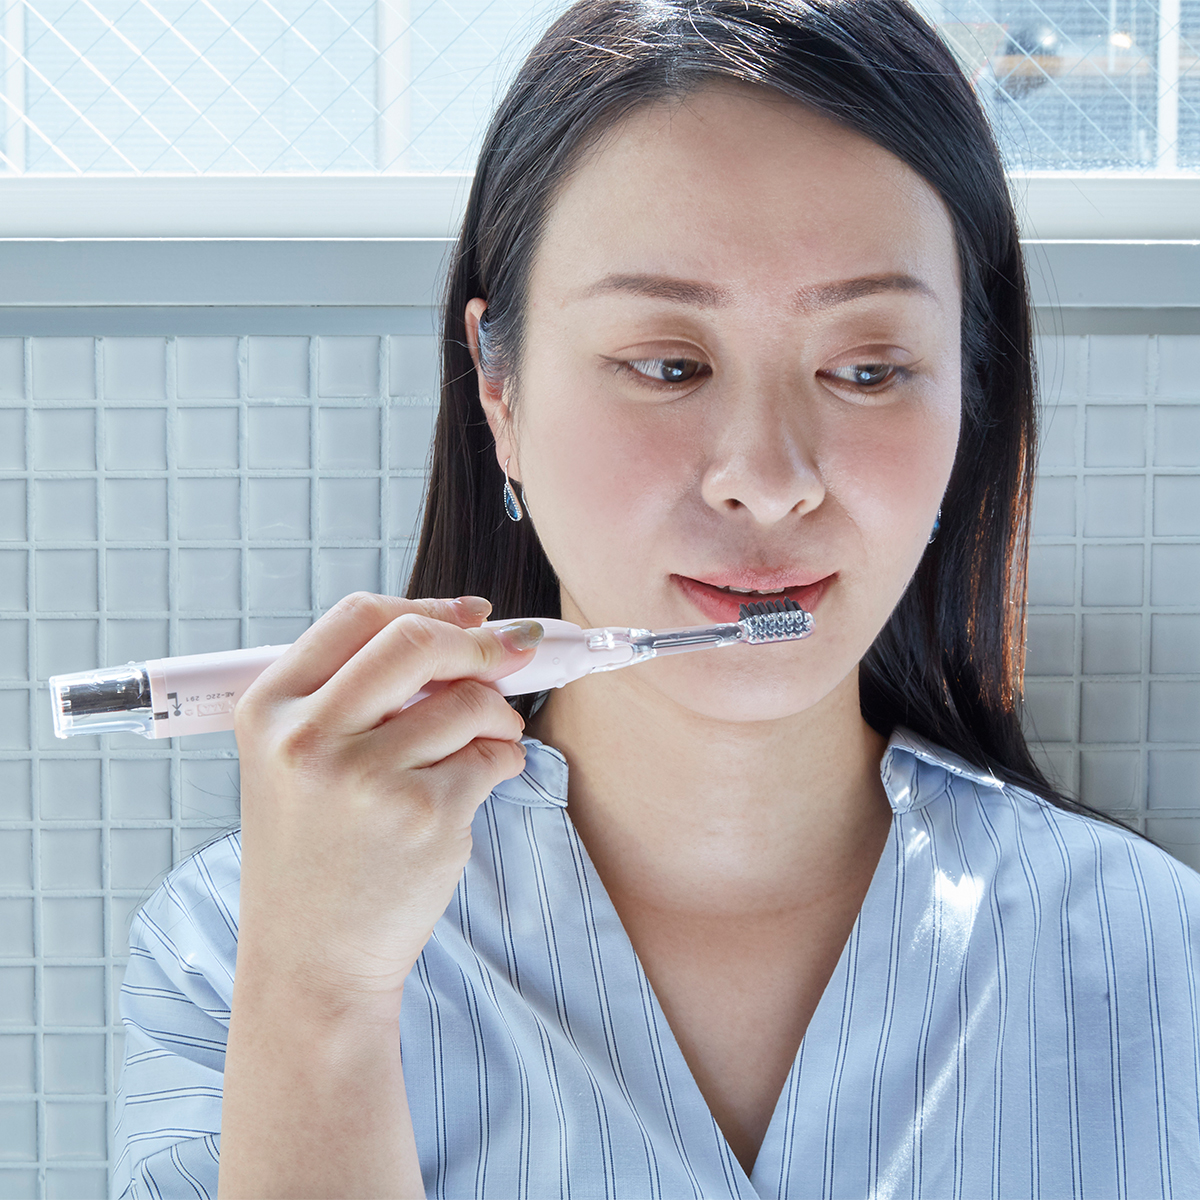 虫歯・歯周病対策はもっと効果的に。光触媒の効果で、歯磨き粉なしでも歯垢がとれる「電動歯ブラシ」|SOLADEY